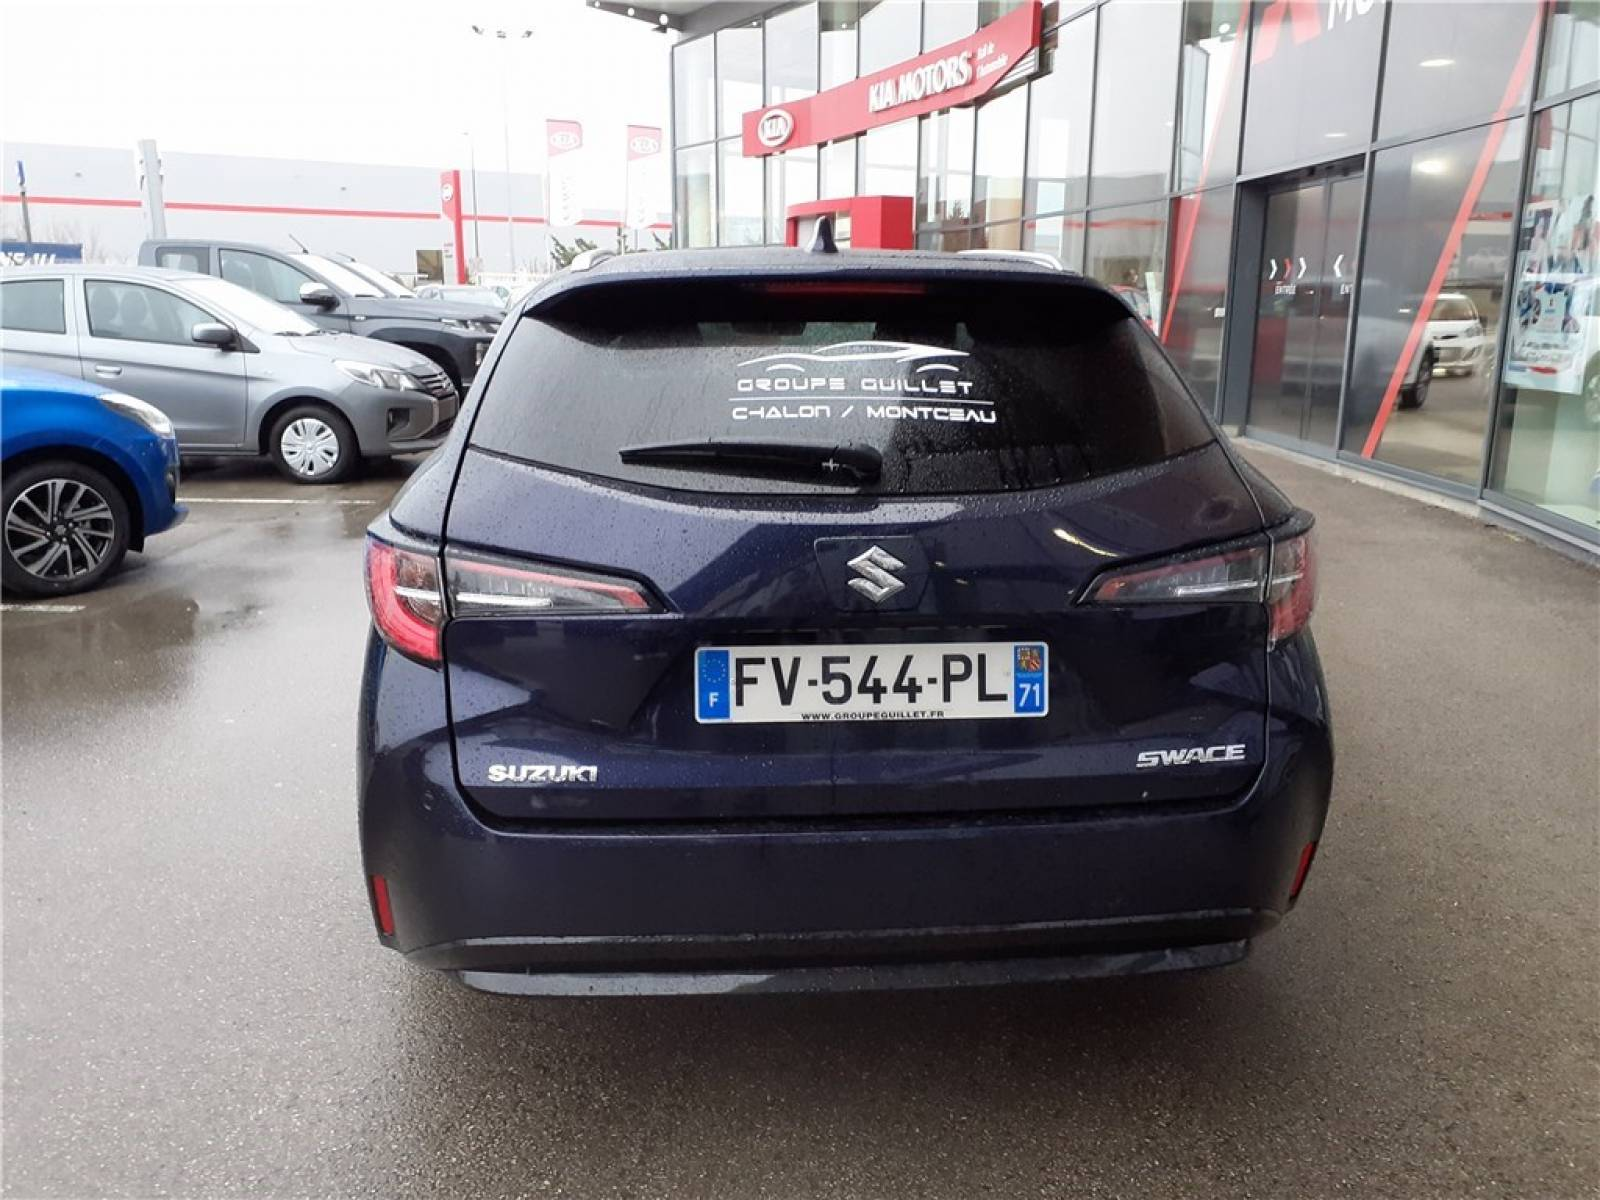 SUZUKI Swace 1.8 Hybrid - véhicule d'occasion - Groupe Guillet - Hall de l'automobile - Chalon sur Saône - 71380 - Saint-Marcel - 31